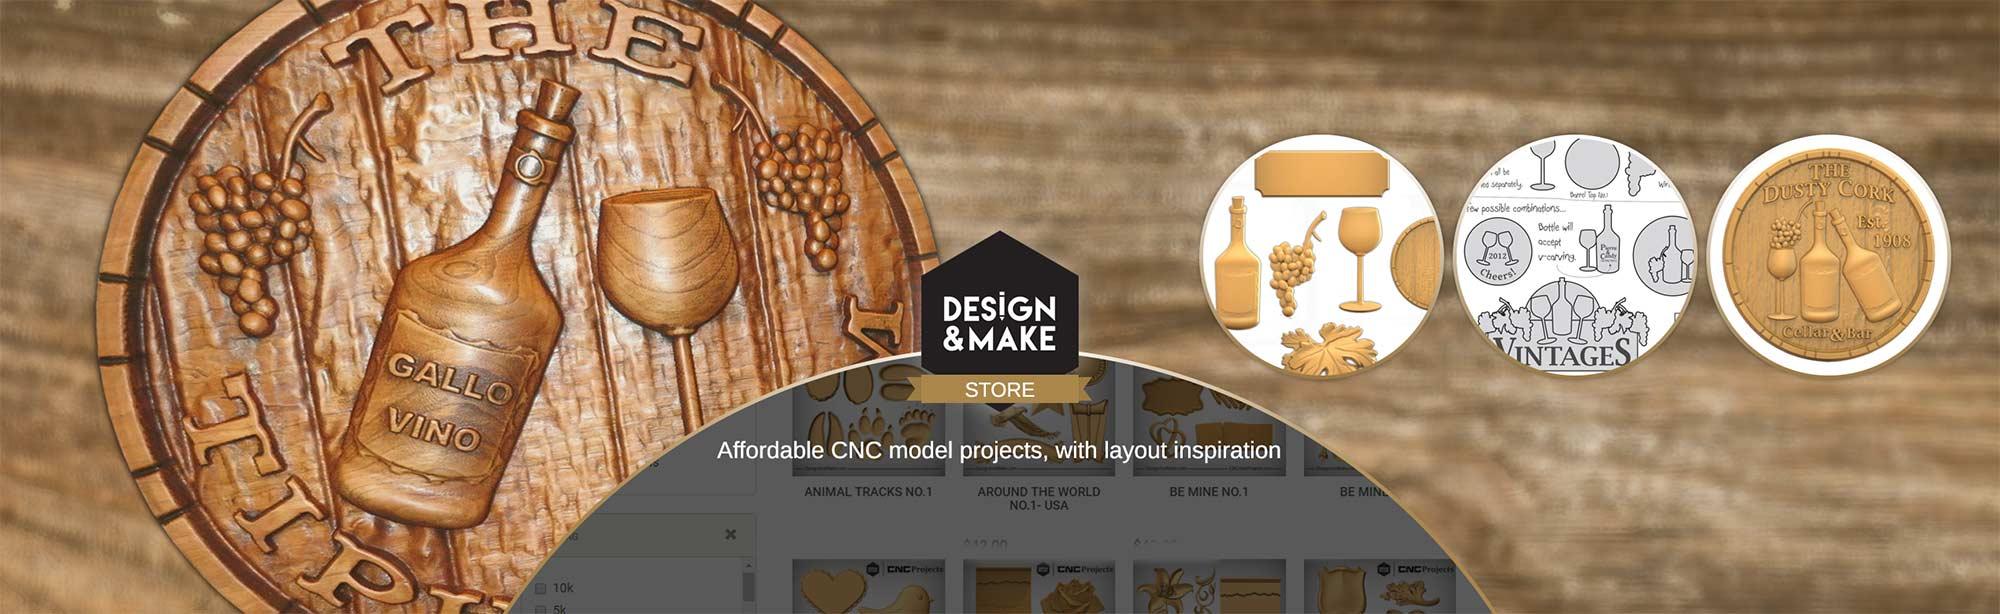 Design & Make banner